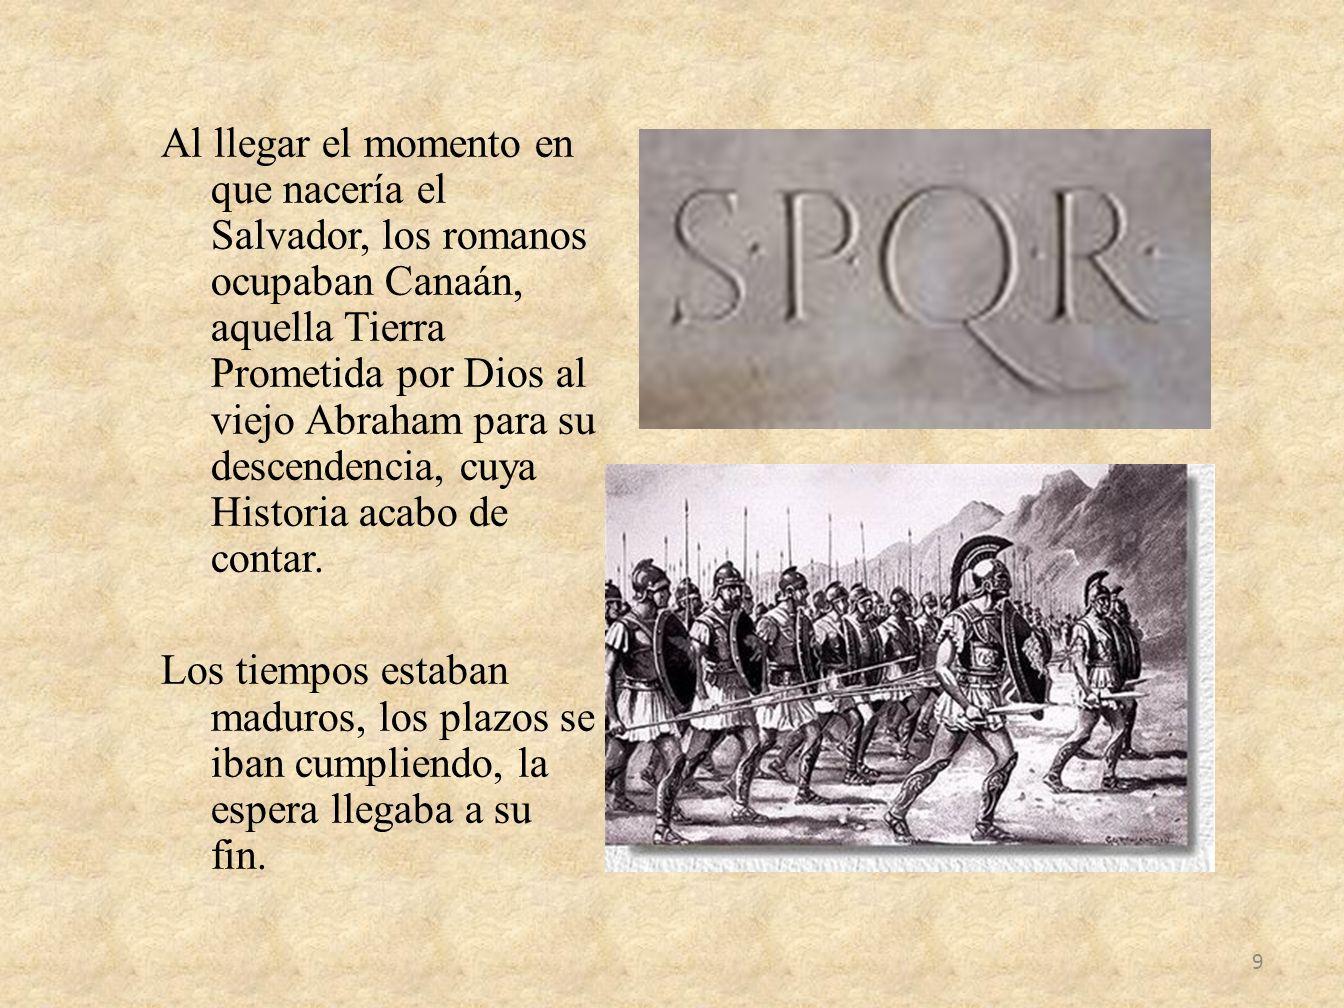 Al llegar el momento en que nacería el Salvador, los romanos ocupaban Canaán, aquella Tierra Prometida por Dios al viejo Abraham para su descendencia, cuya Historia acabo de contar.